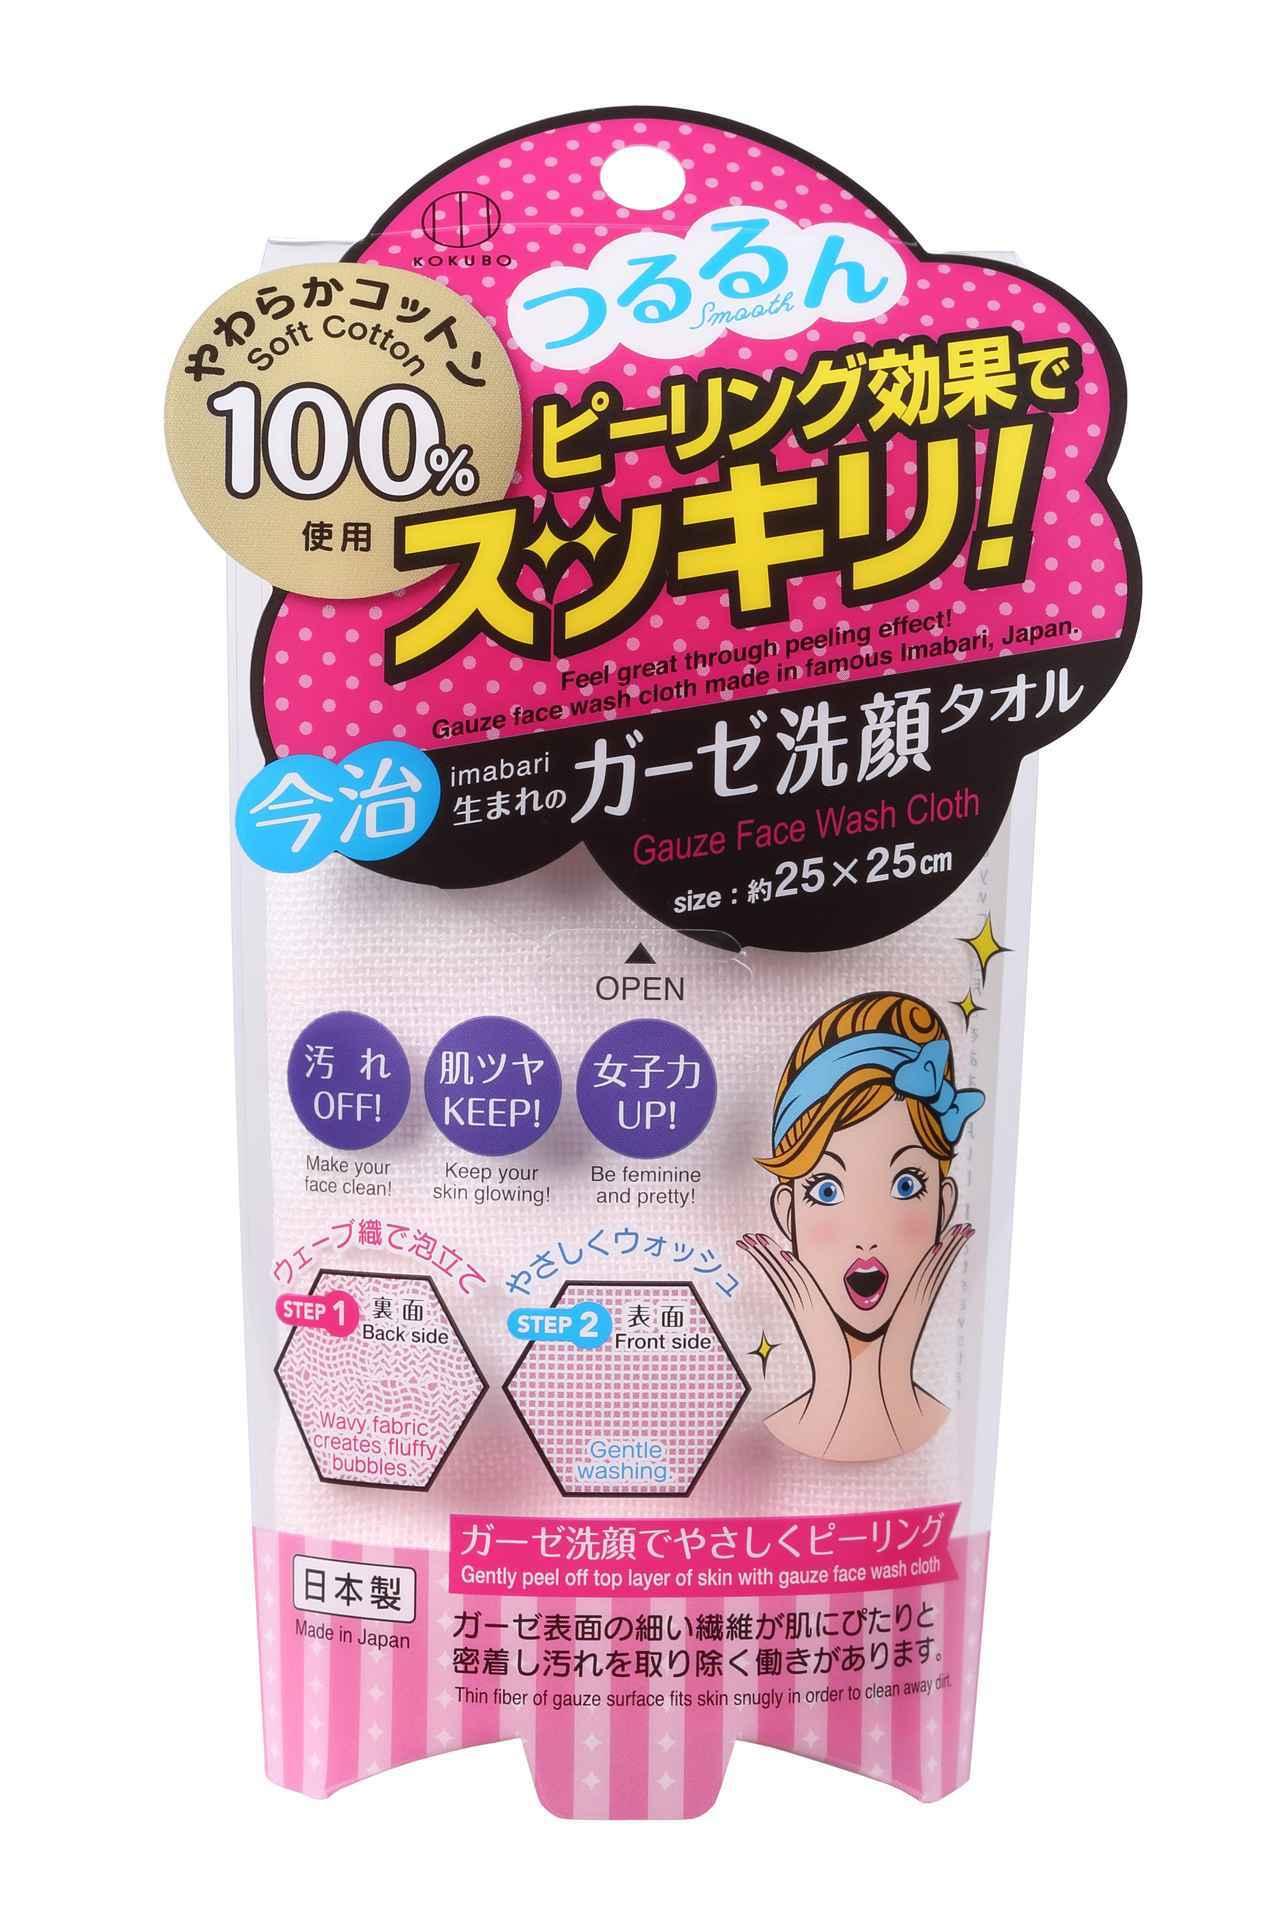 画像: ガーゼ洗顔タオル カラー:ピンク、イエロー、グリーン 材質:綿100% サイズ:約25×25cm ※マスクを作るとミニサイズになります。 オープン価格(参考価格 各 税別500円 8%税込540円) 発売元:KOKUBO 発売中 日本製 MADE IN JAPAN